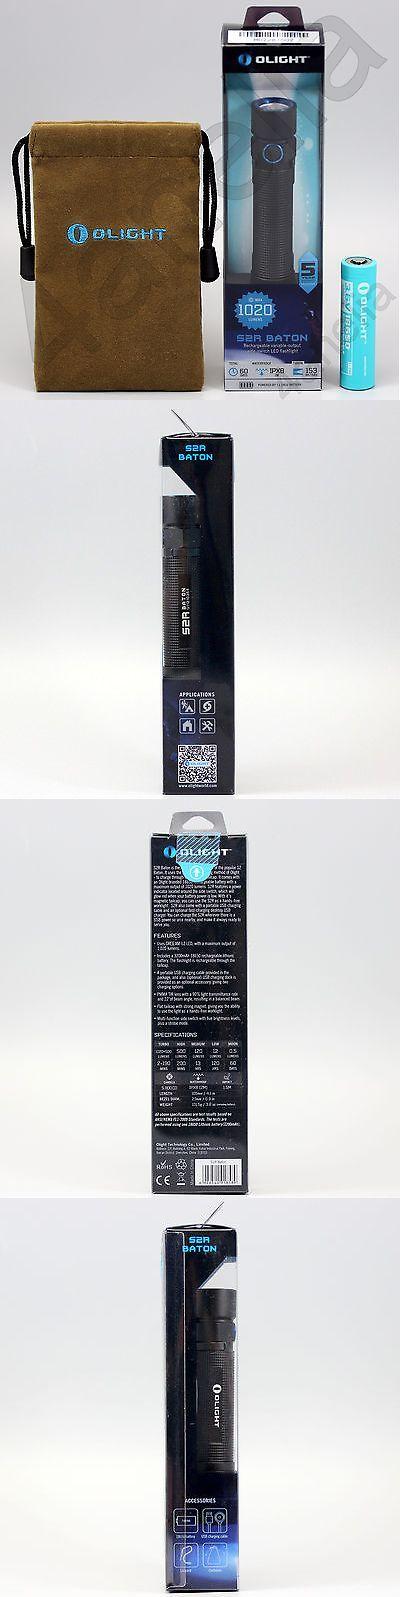 Flashlights 16037: Olight S2r Baton 1020 Lumens Usb Edc Led Flashlight W 18650 3200Mah Battery Nib -> BUY IT NOW ONLY: $69.95 on eBay!